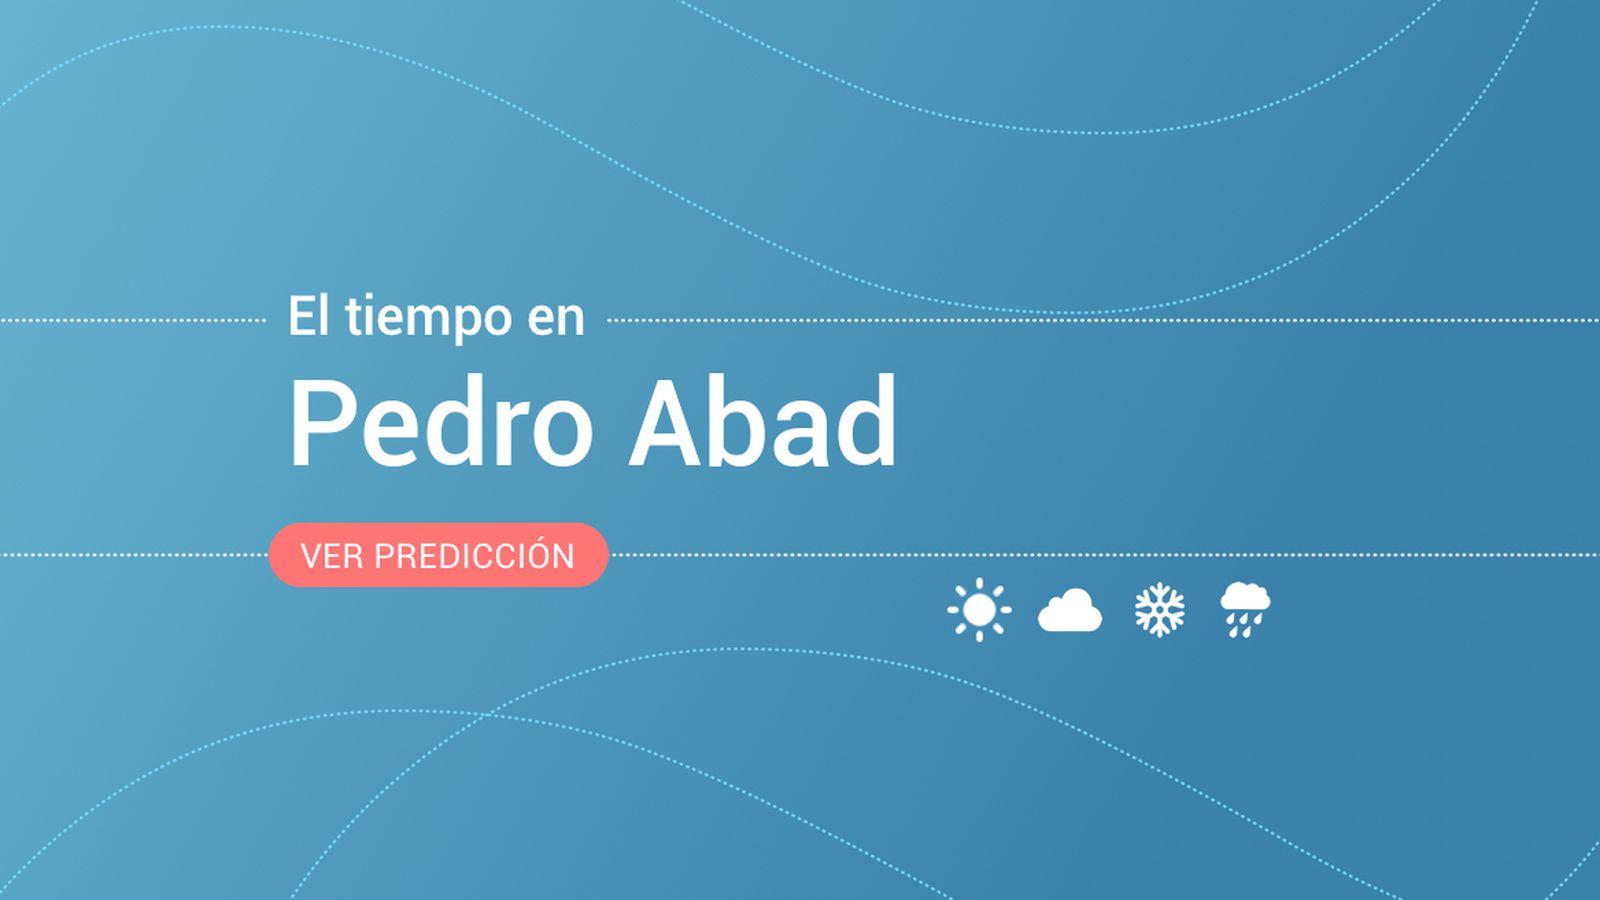 Foto: El tiempo en Pedro Abad. (EC)